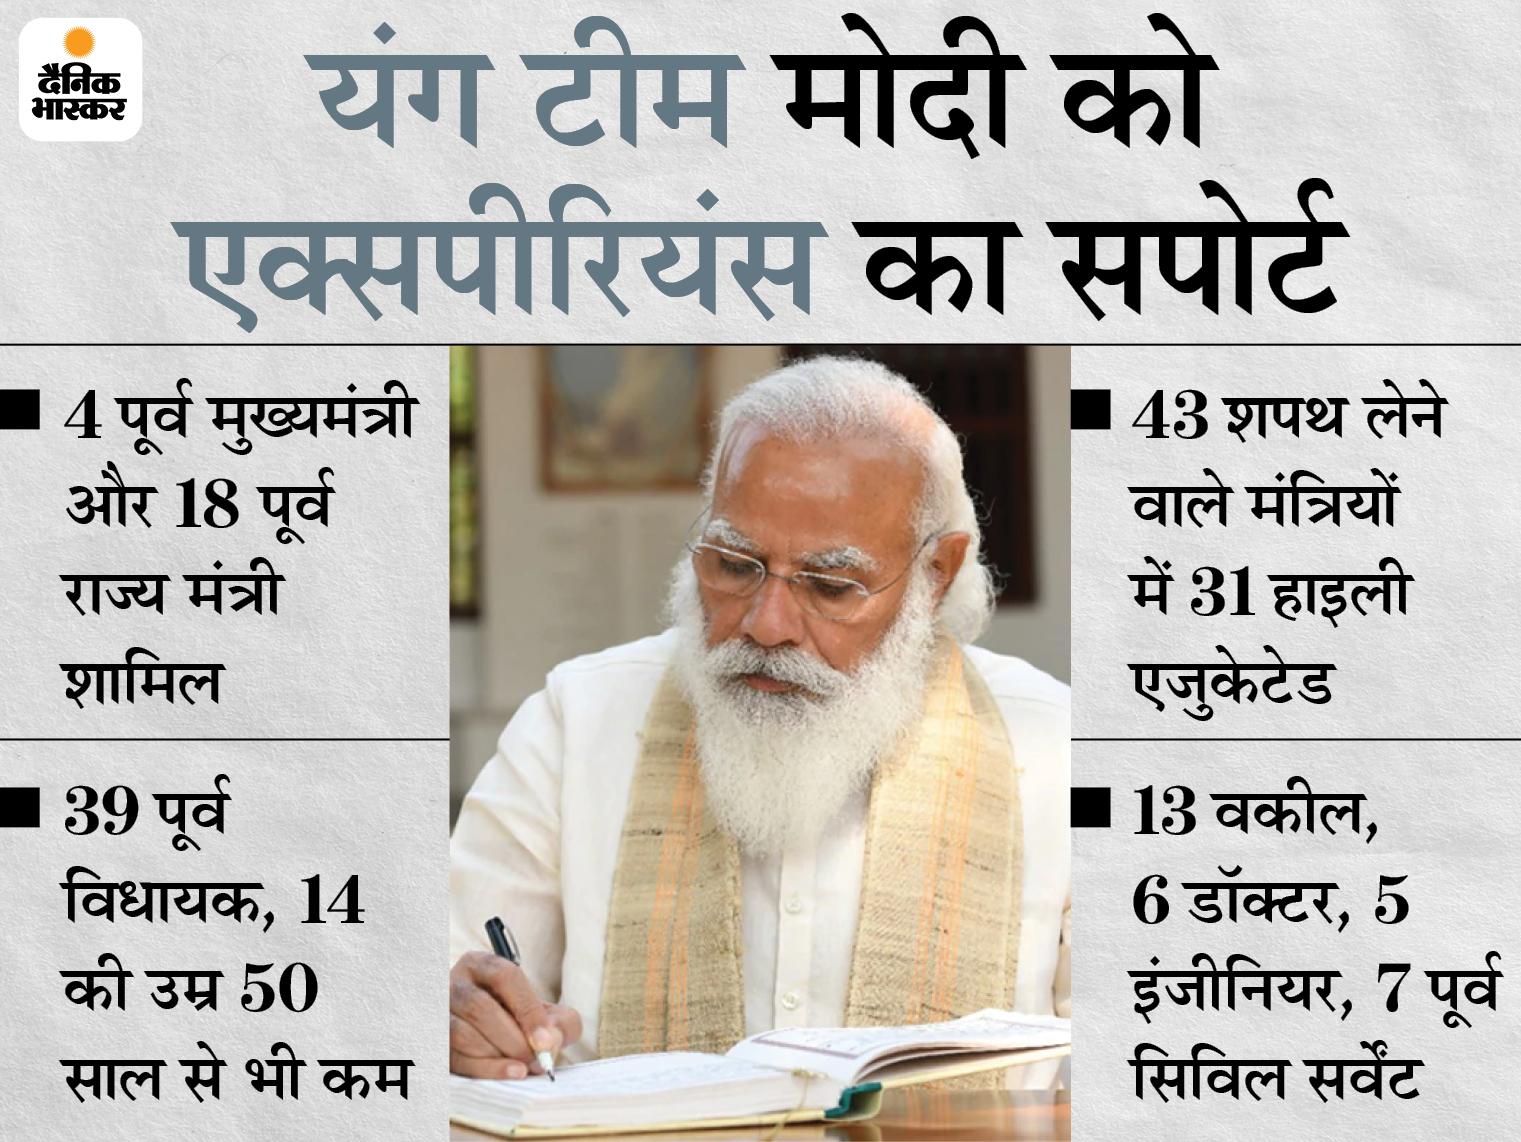 सबसे युवा कैबिनेट, औसत उम्र 58 साल; डॉक्टर, इंजीनियर और रिटायर्ड IAS अधिकारियों समेत 4 पूर्व CM भी शामिल|देश,National - Dainik Bhaskar